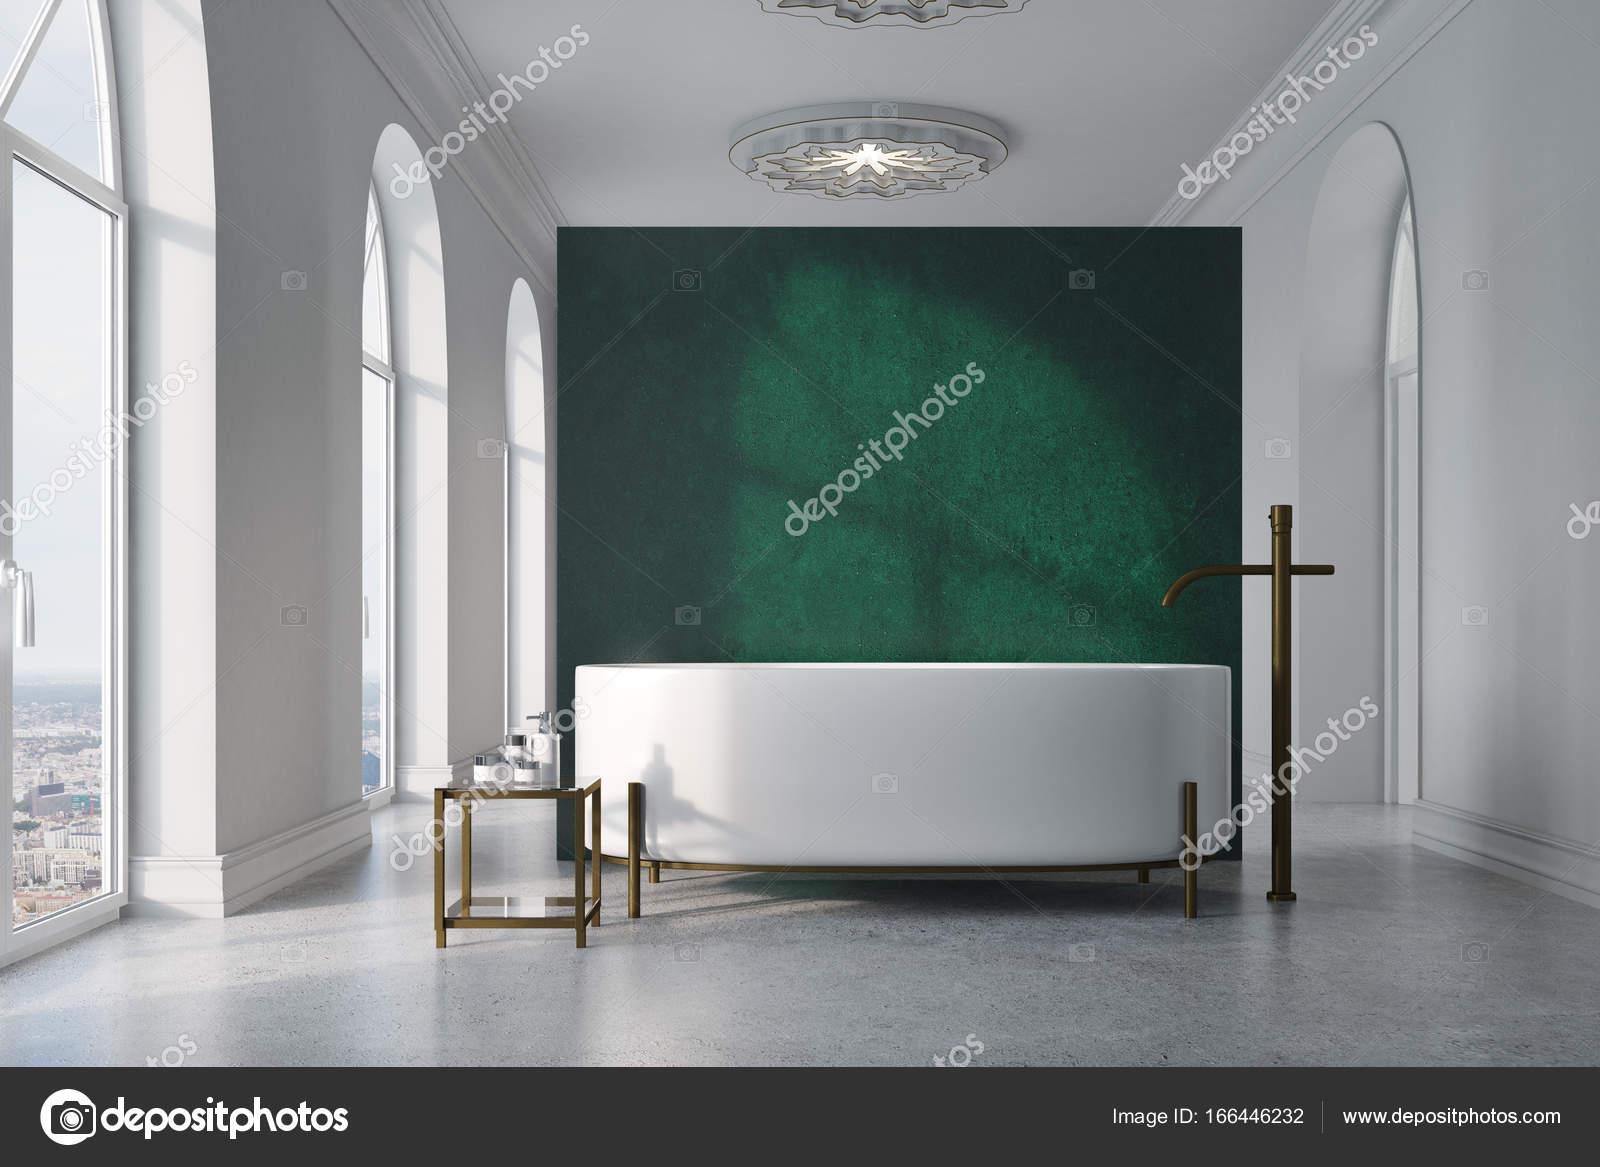 Intérieur De Salle De Bain Vert Et Blanc Avec Un Plancher De Béton,  Beaucoup De Fenestration, Une Baignoire Ronde Près Du0027un Mur Vert Et Une  Table Avec Des ...